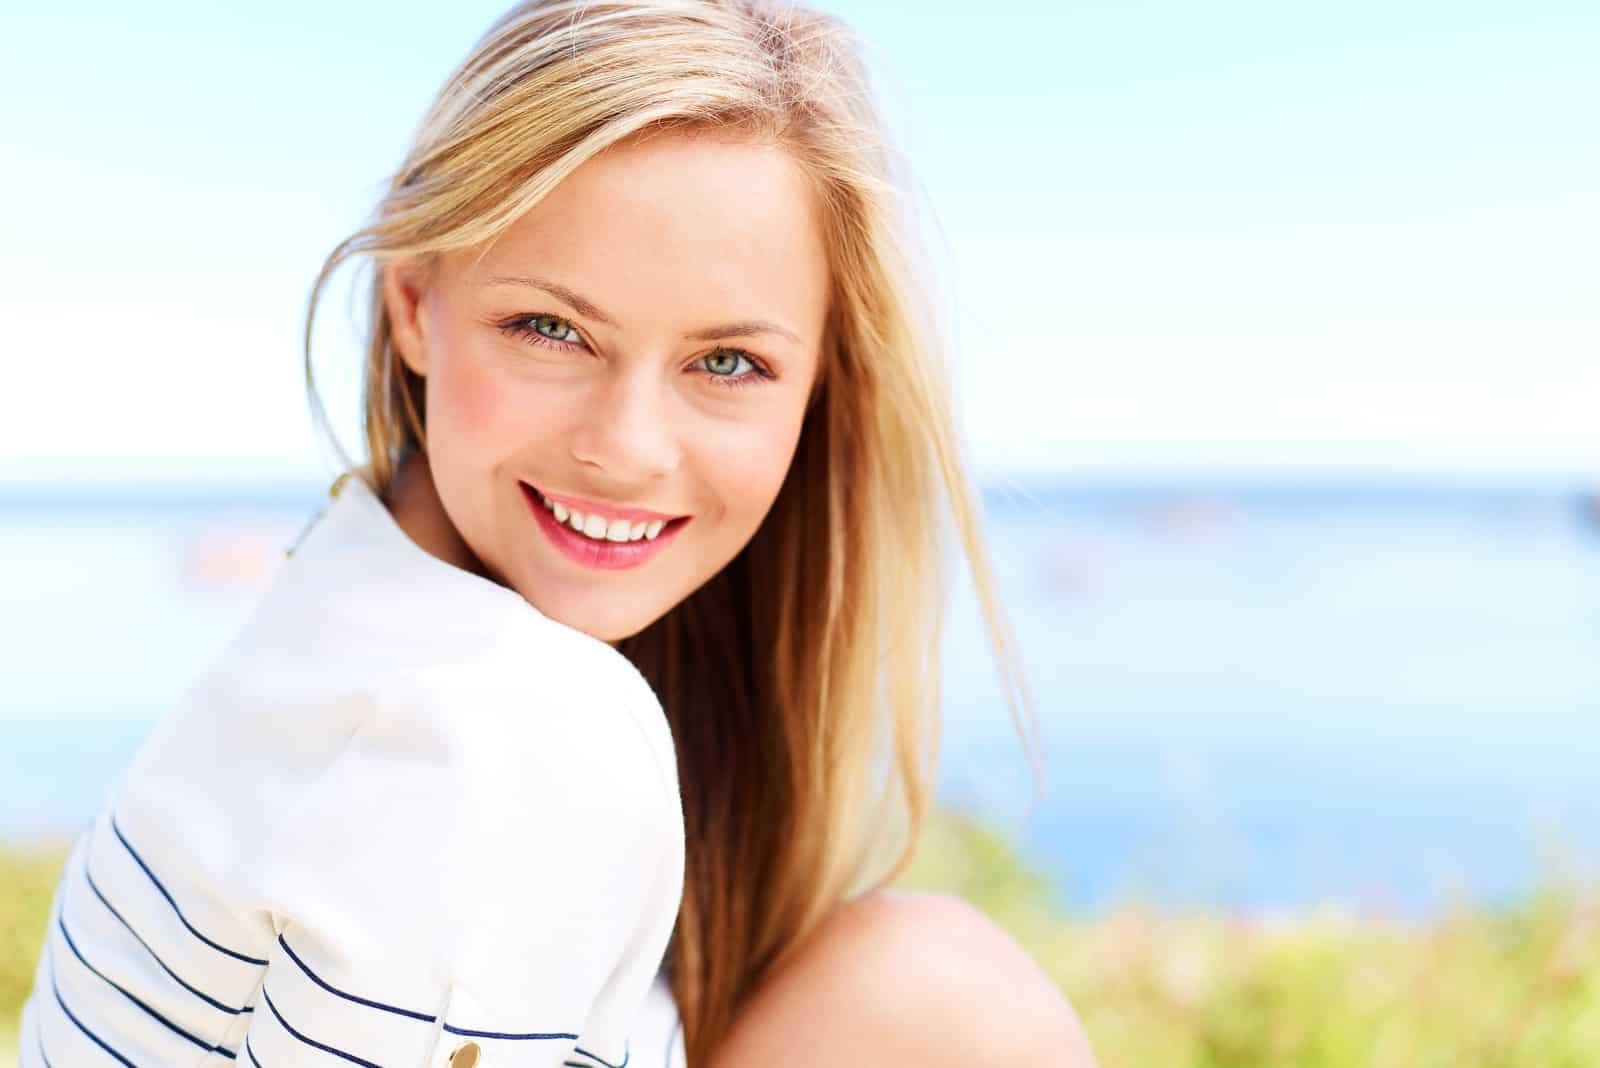 une femme aux cheveux blonds souriante